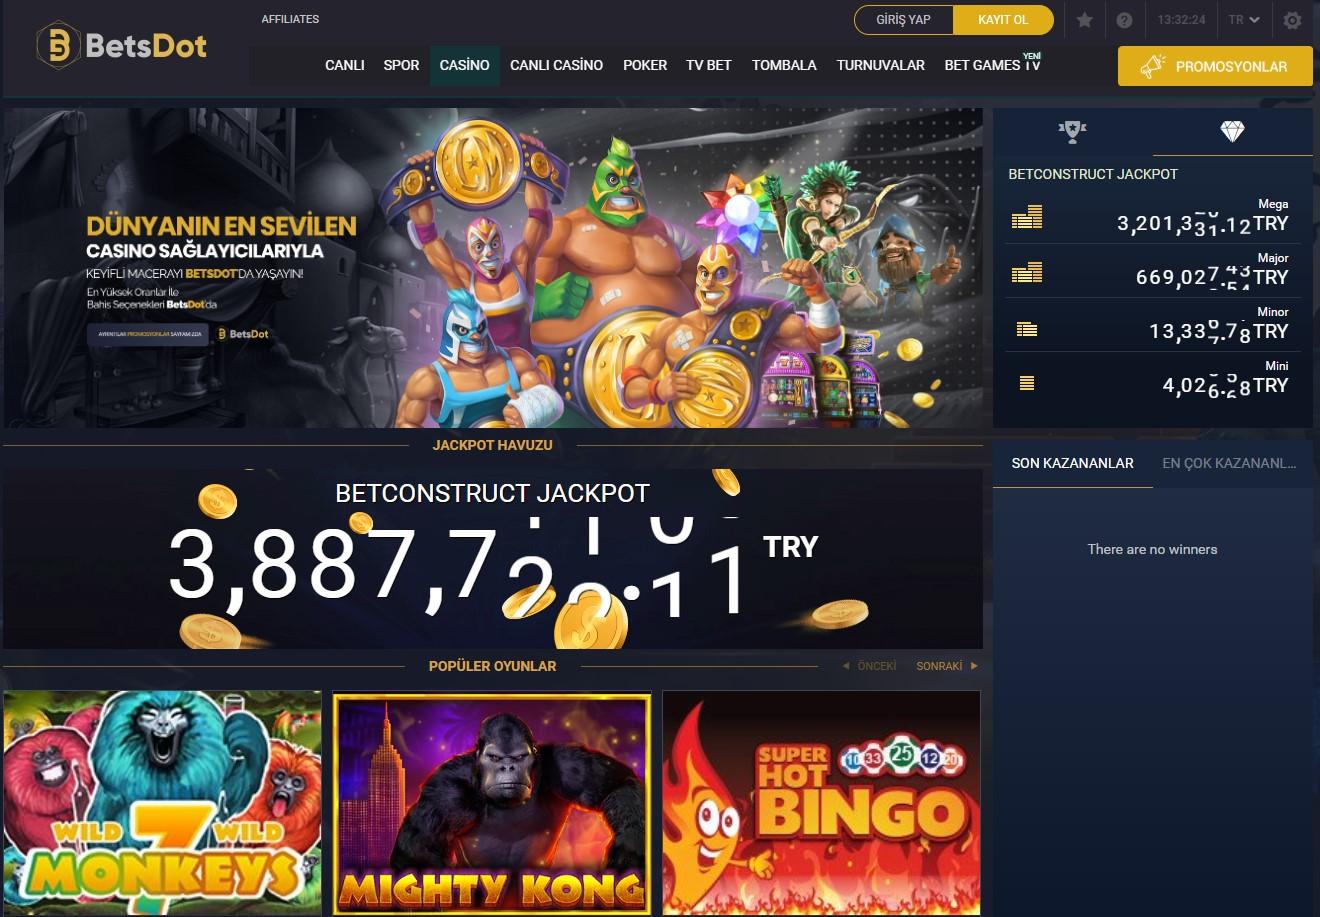 Betsdot Casino